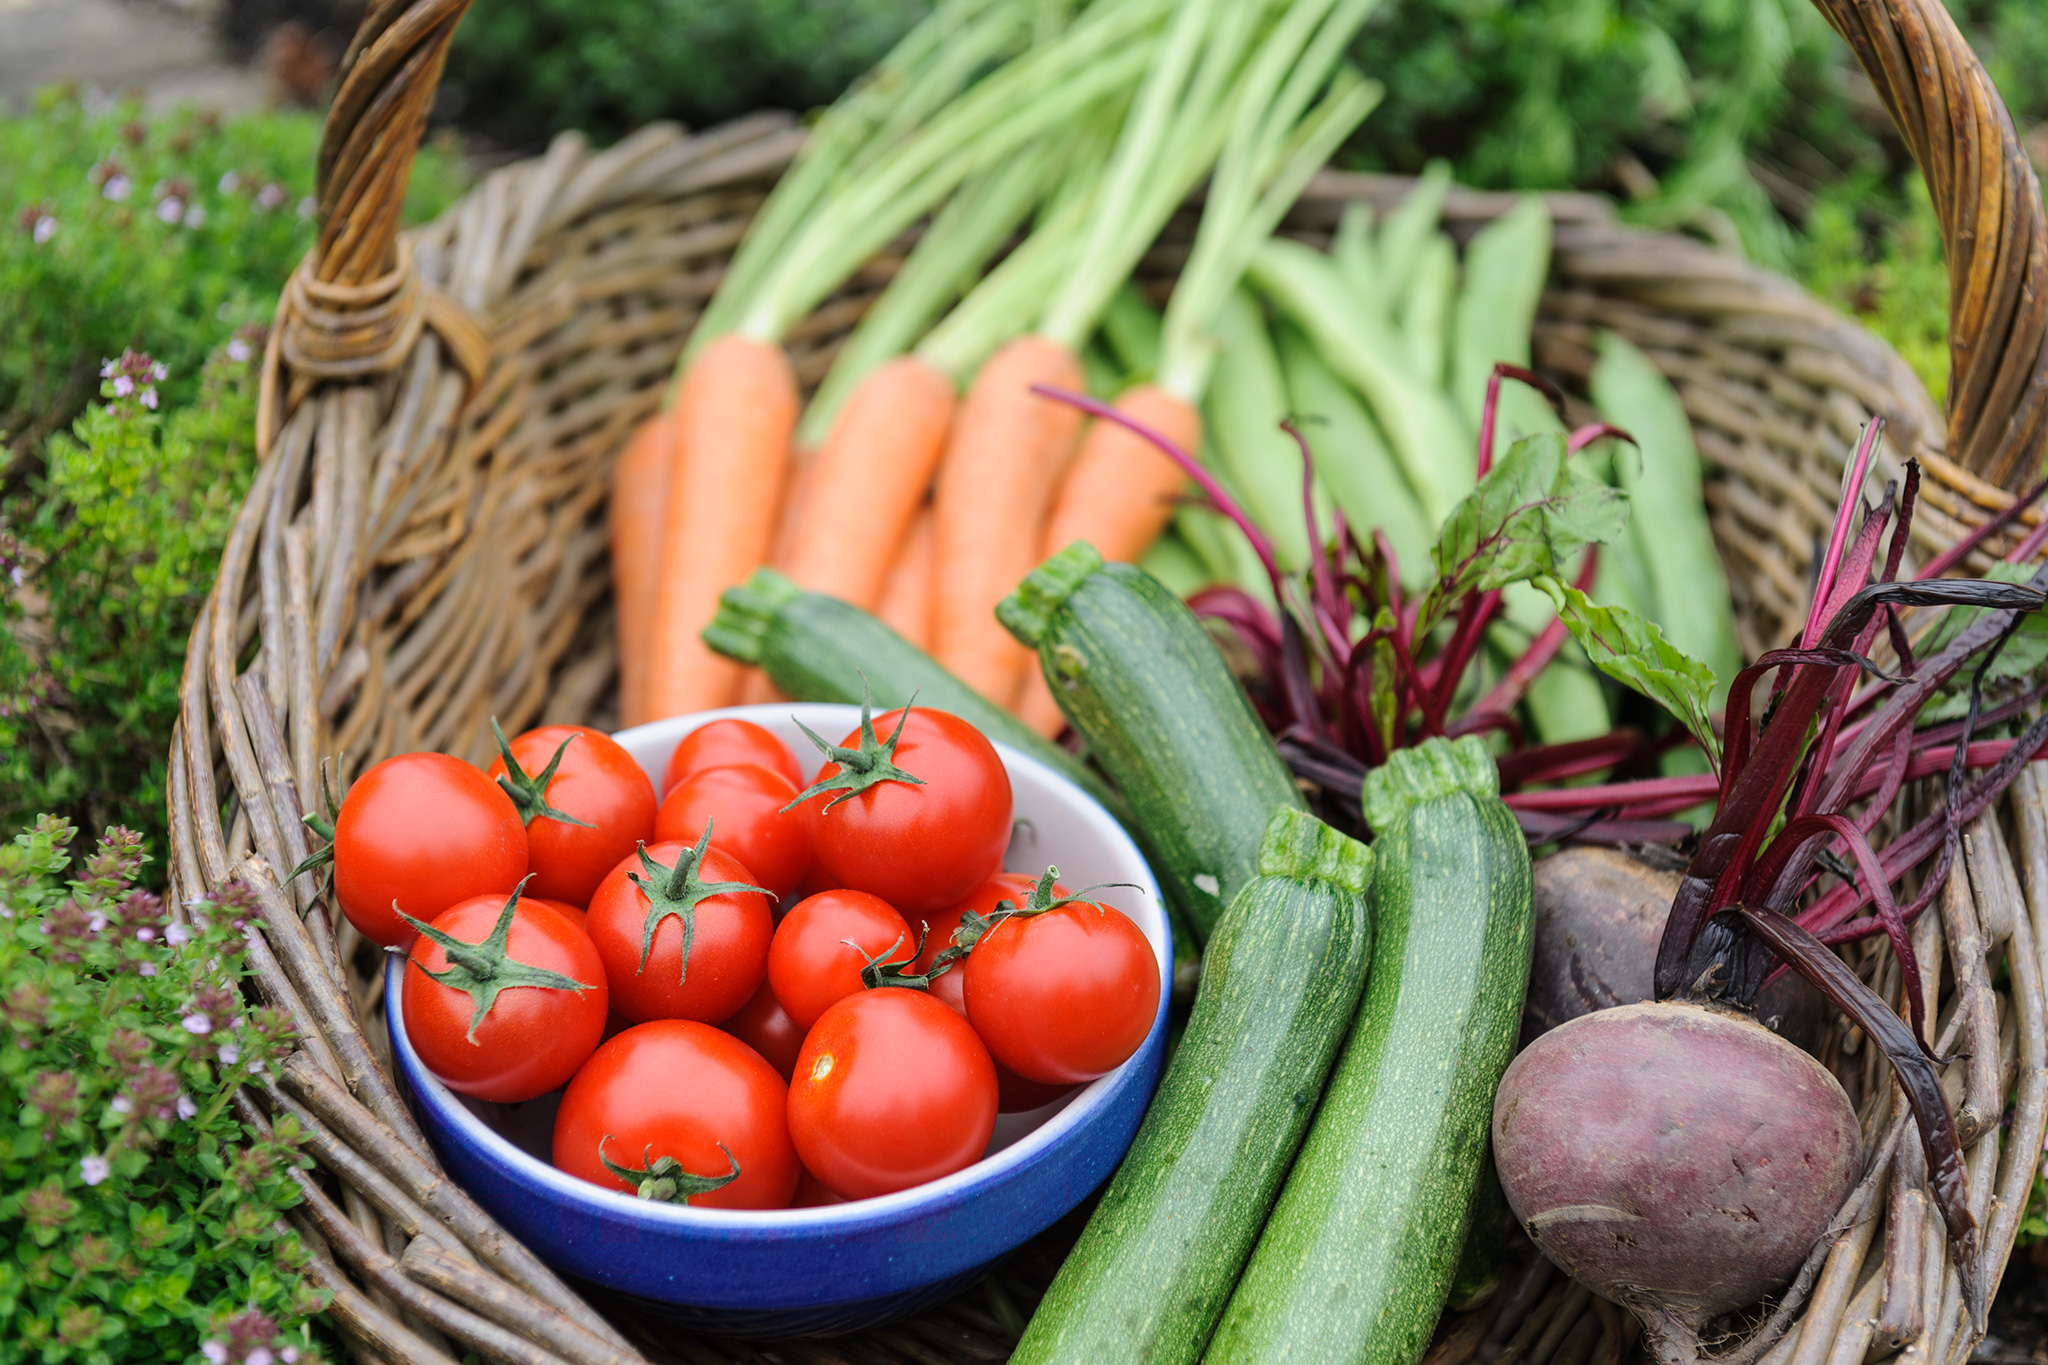 Basket of homegrown veg